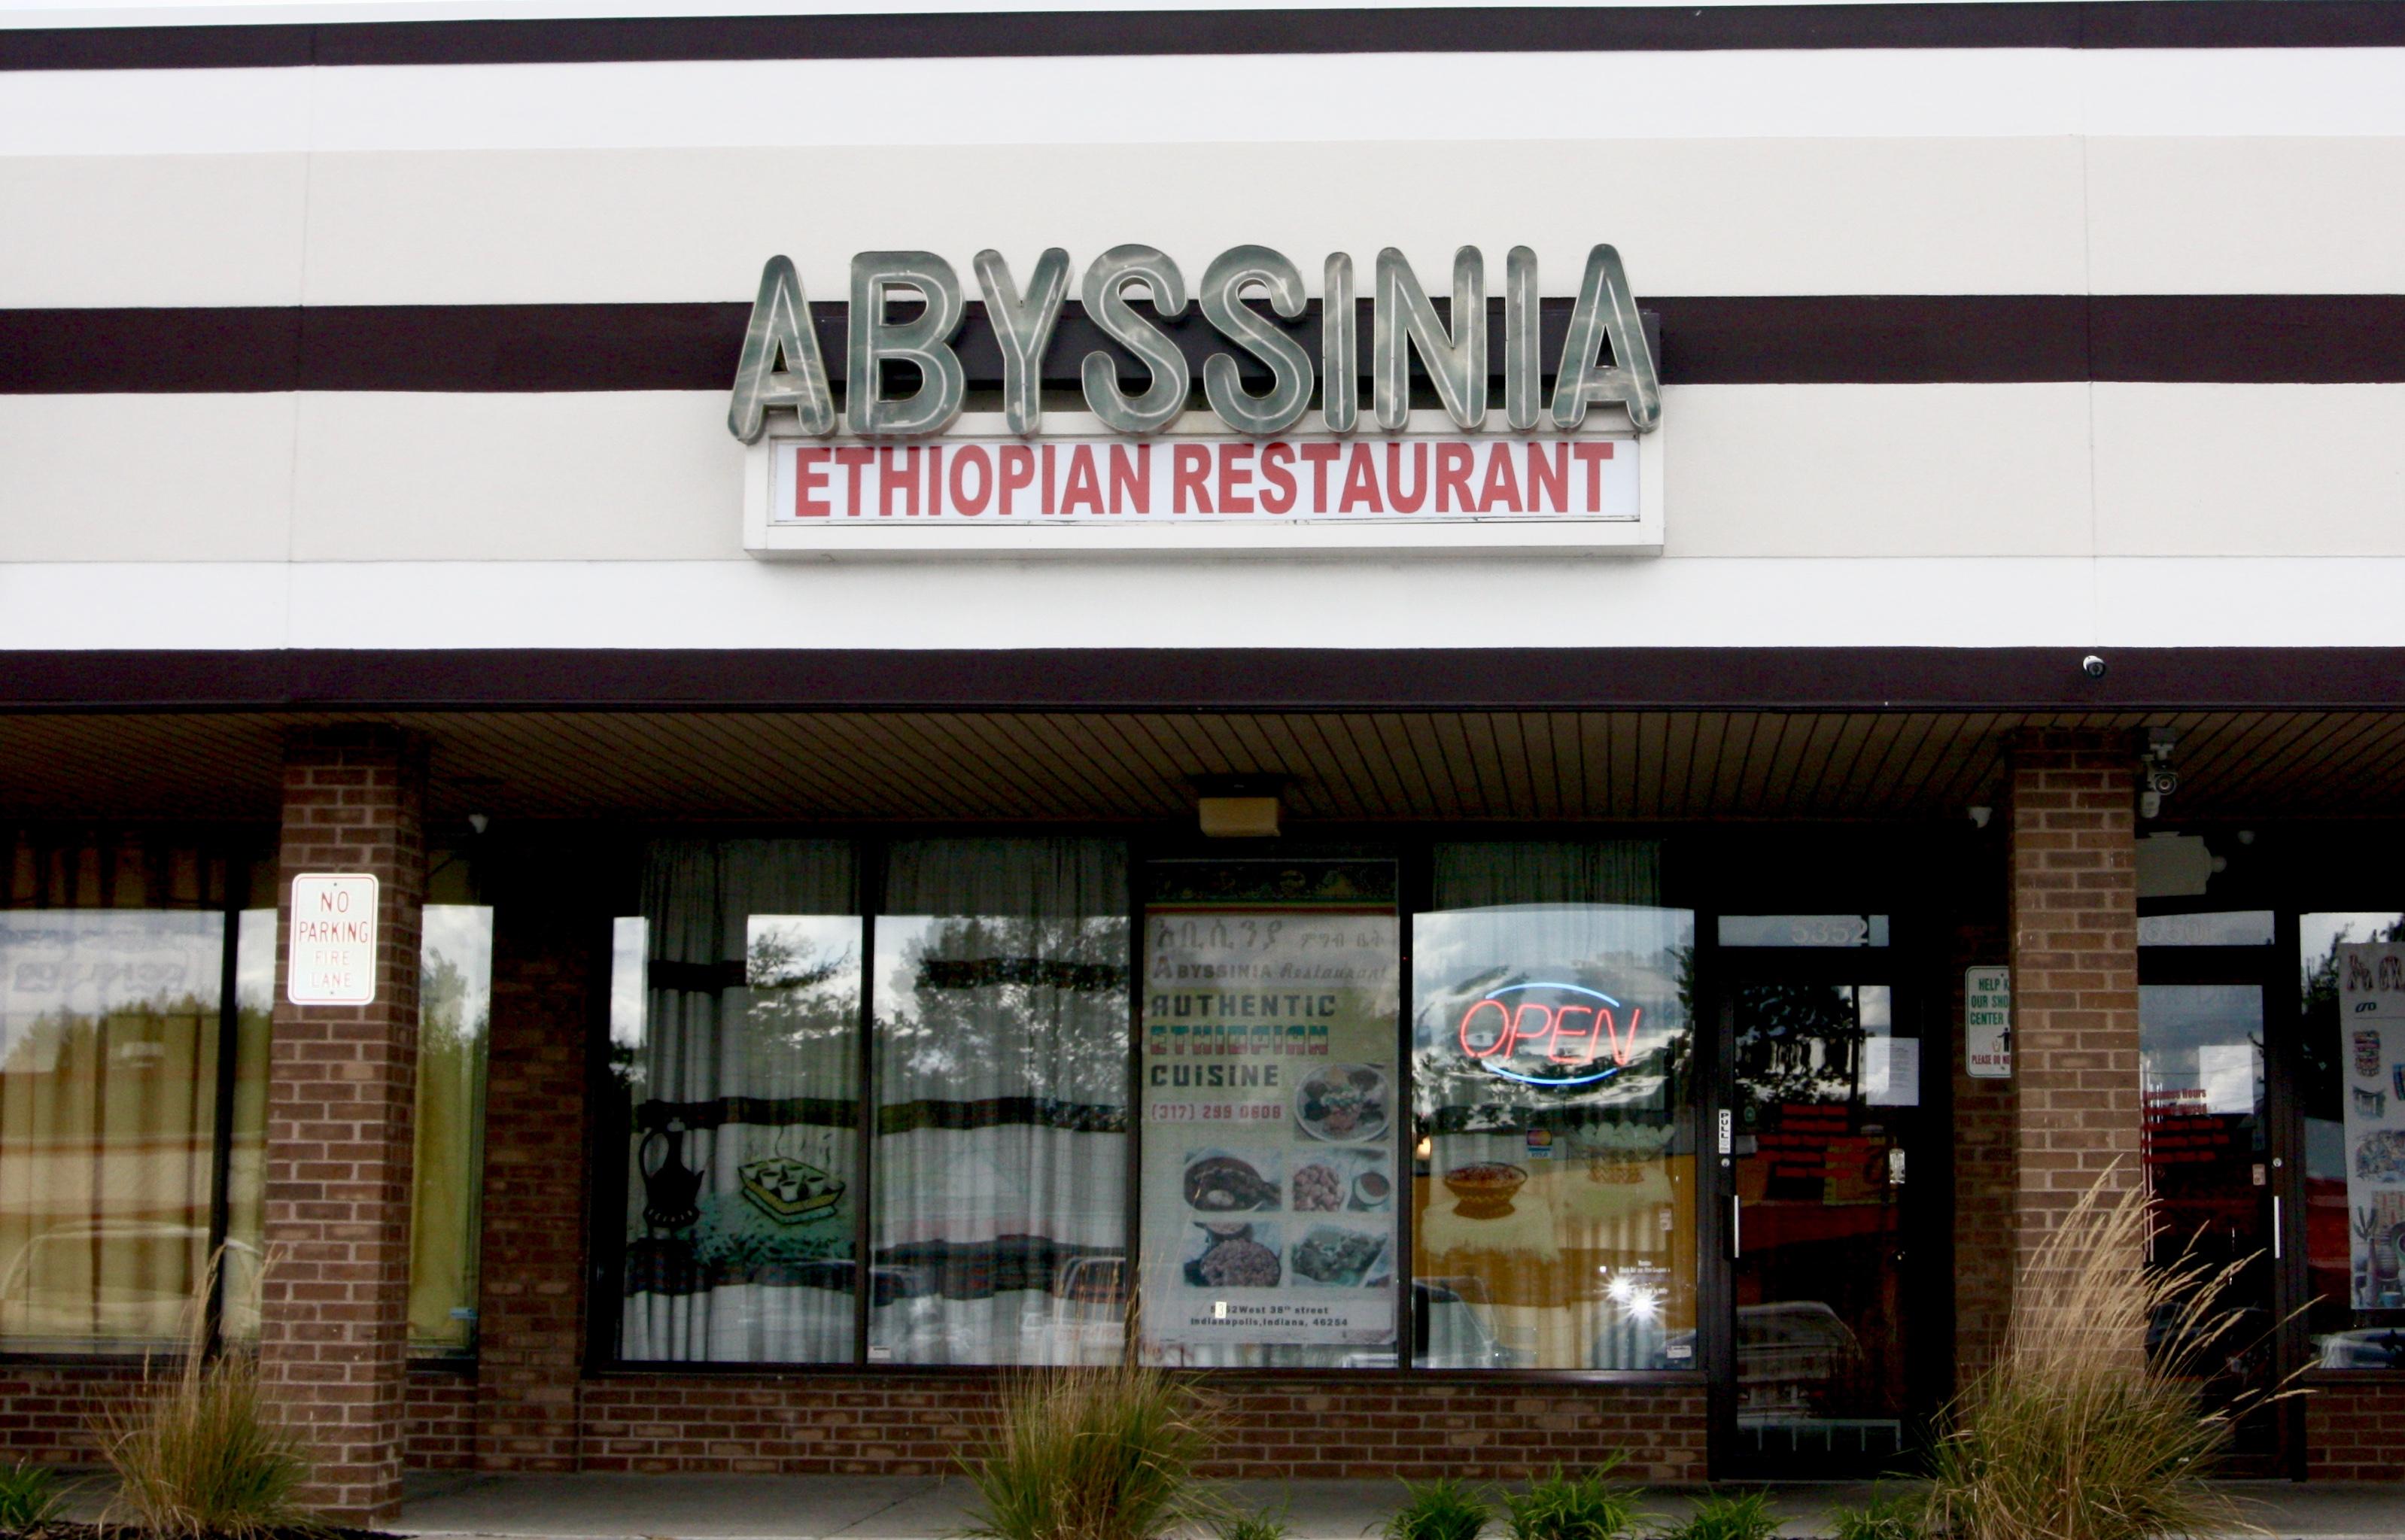 Abyssinia Ethiopian Restaurant